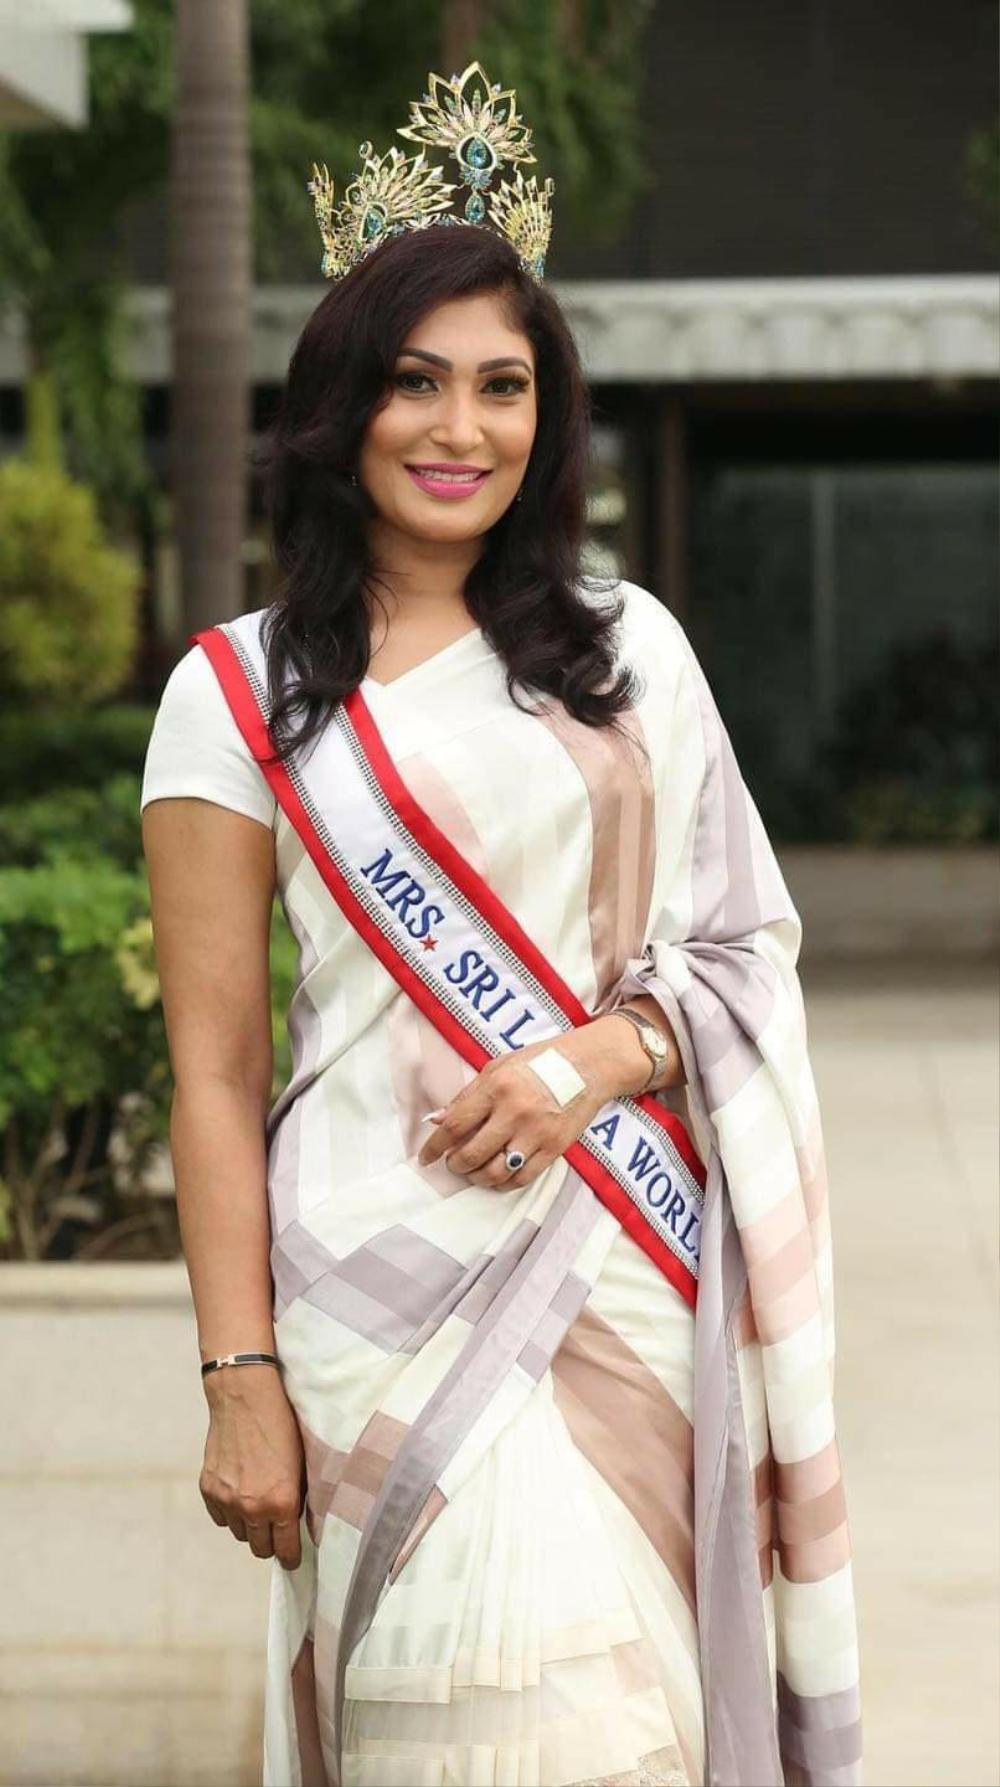 Mới đăng quang hoa hậu, quý bà Sri Lanka bị giật vương miện trên sân khấu, chấn thương phải nhập viện Ảnh 2